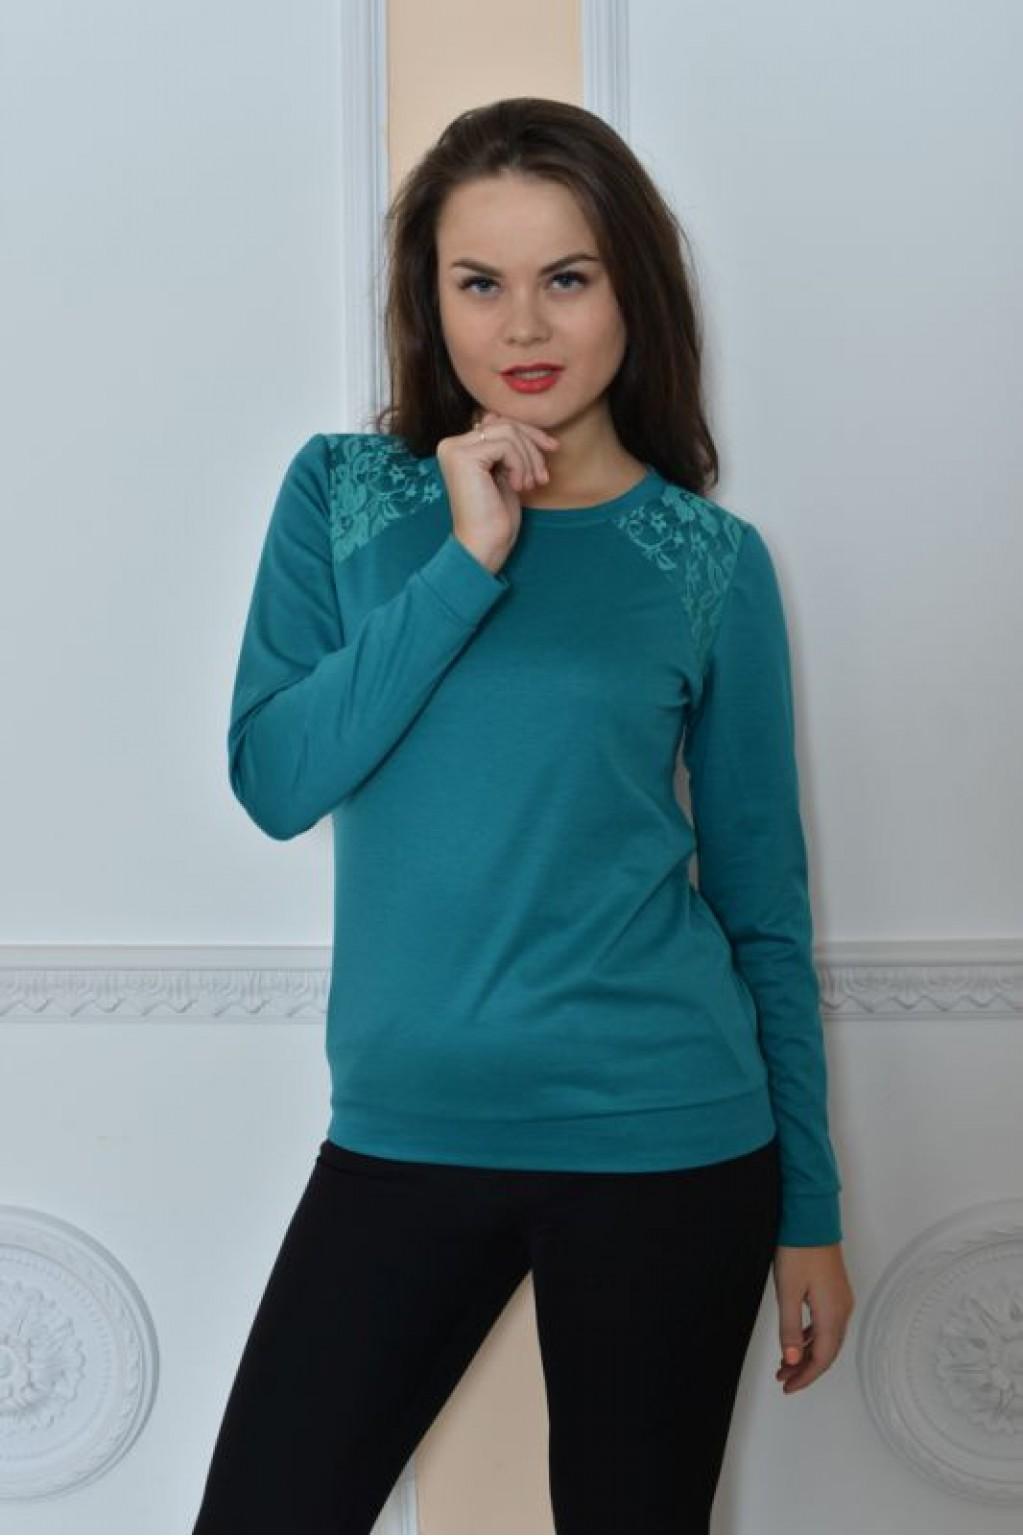 блузка из кружевного полотна с коротким рукавом своими руками